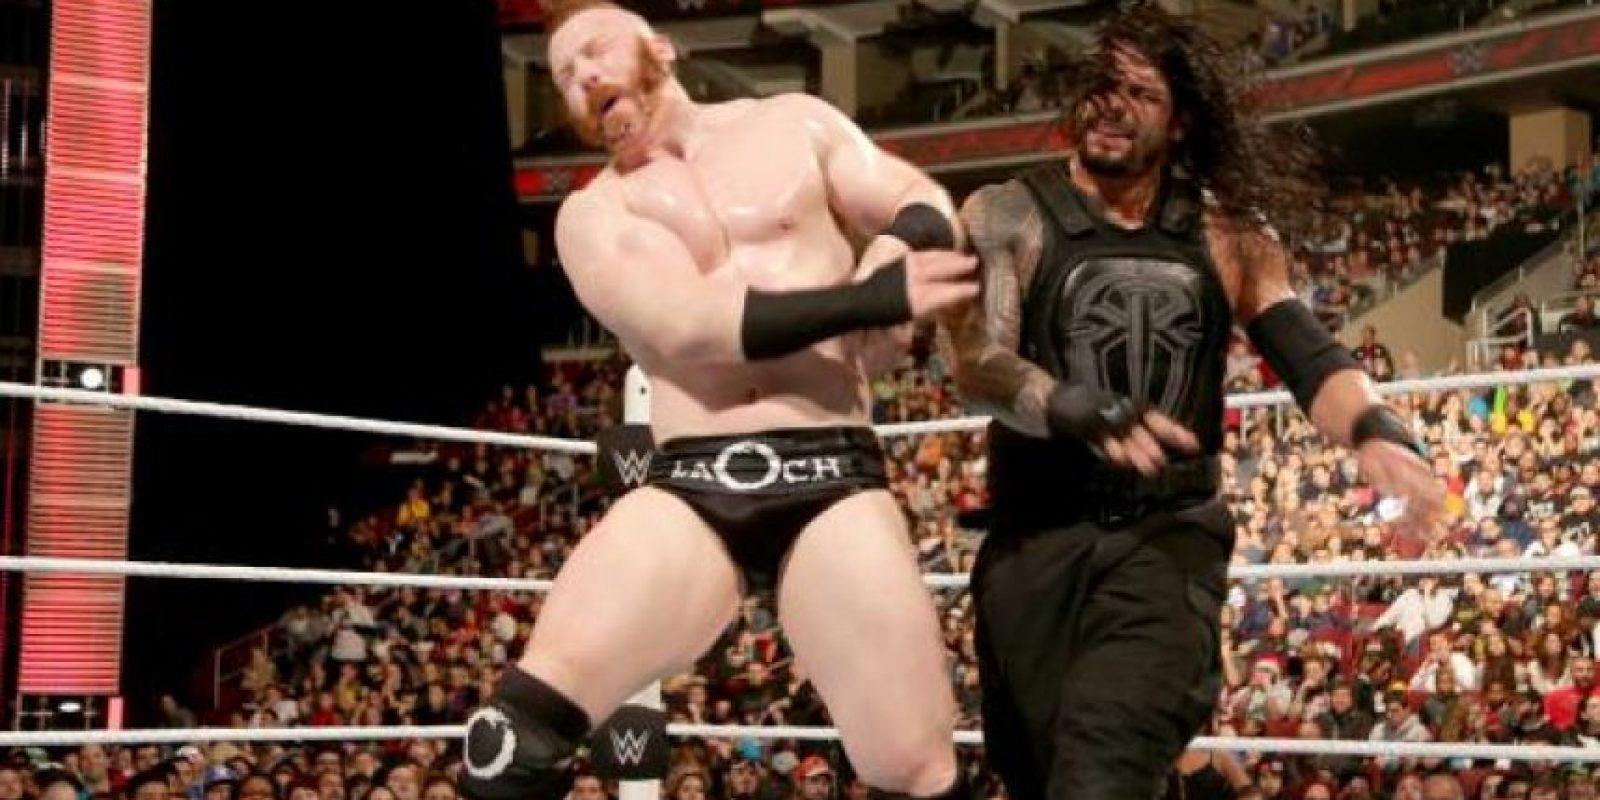 9. Su padre Sika y su hermano Matt también son luchadores profesionales Foto:WWE